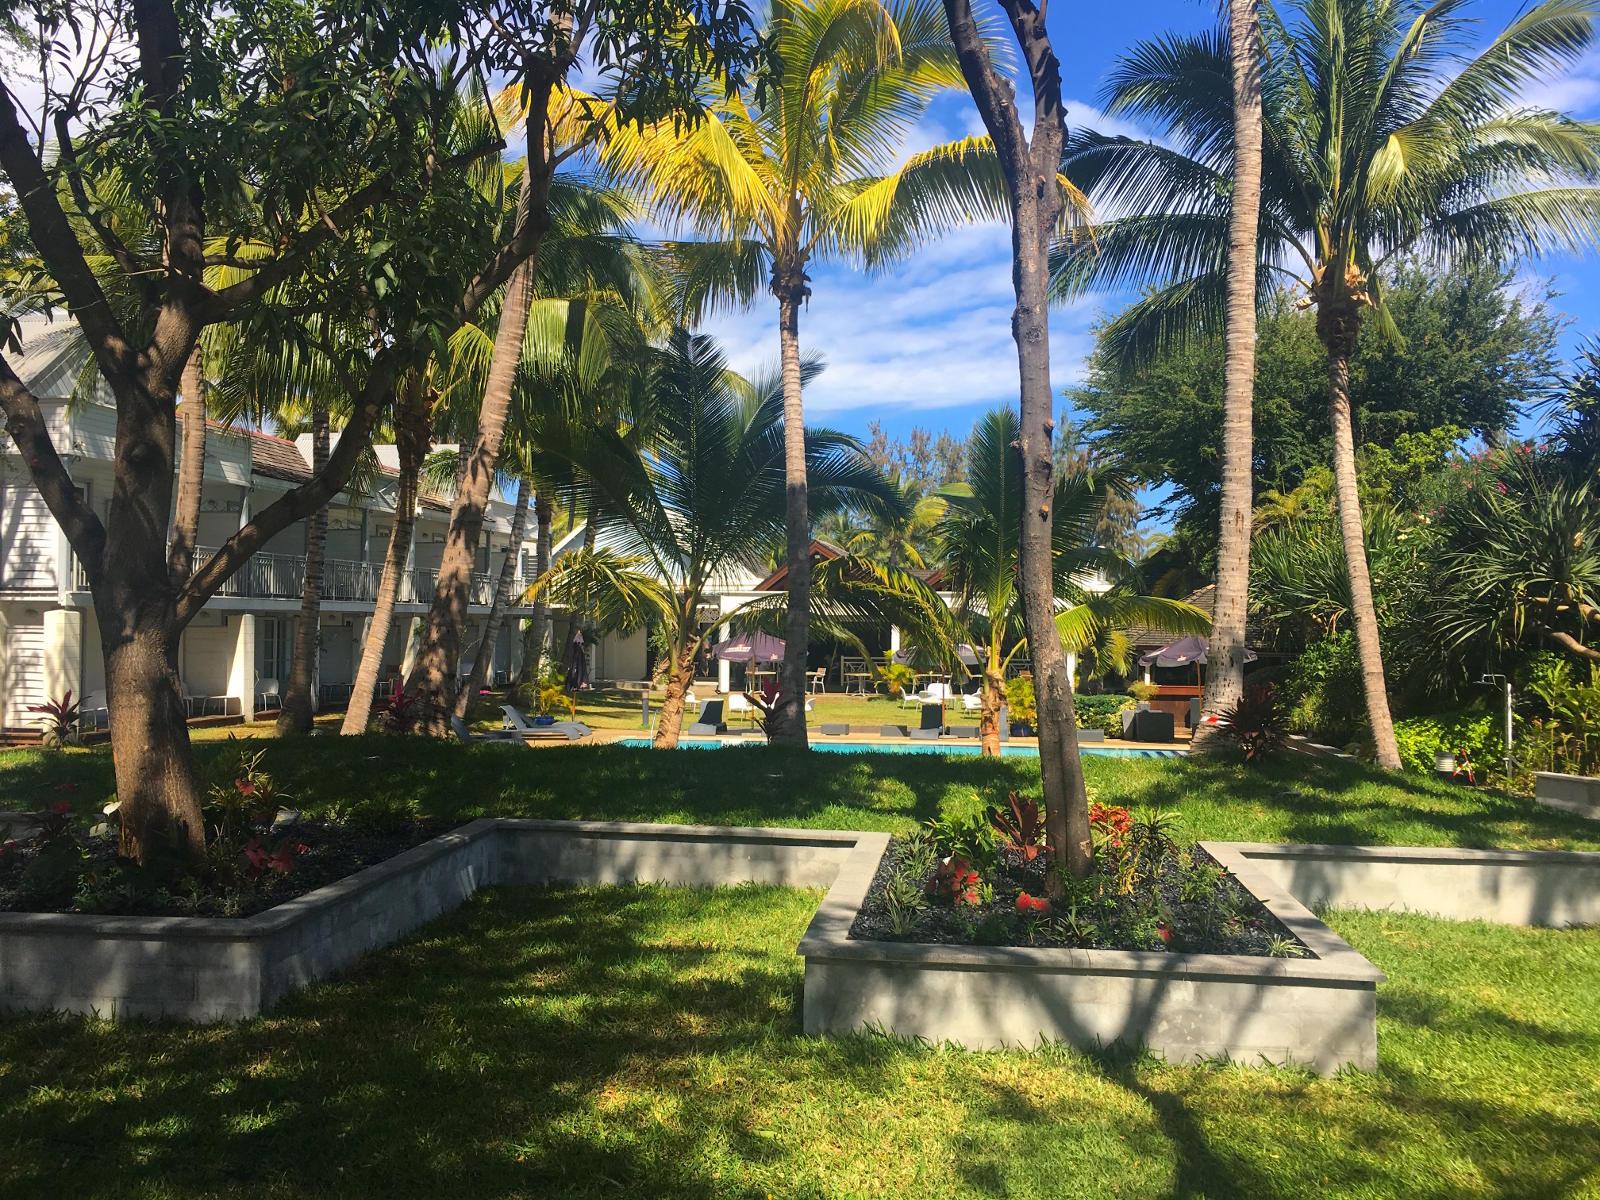 zarlor ermitage resort